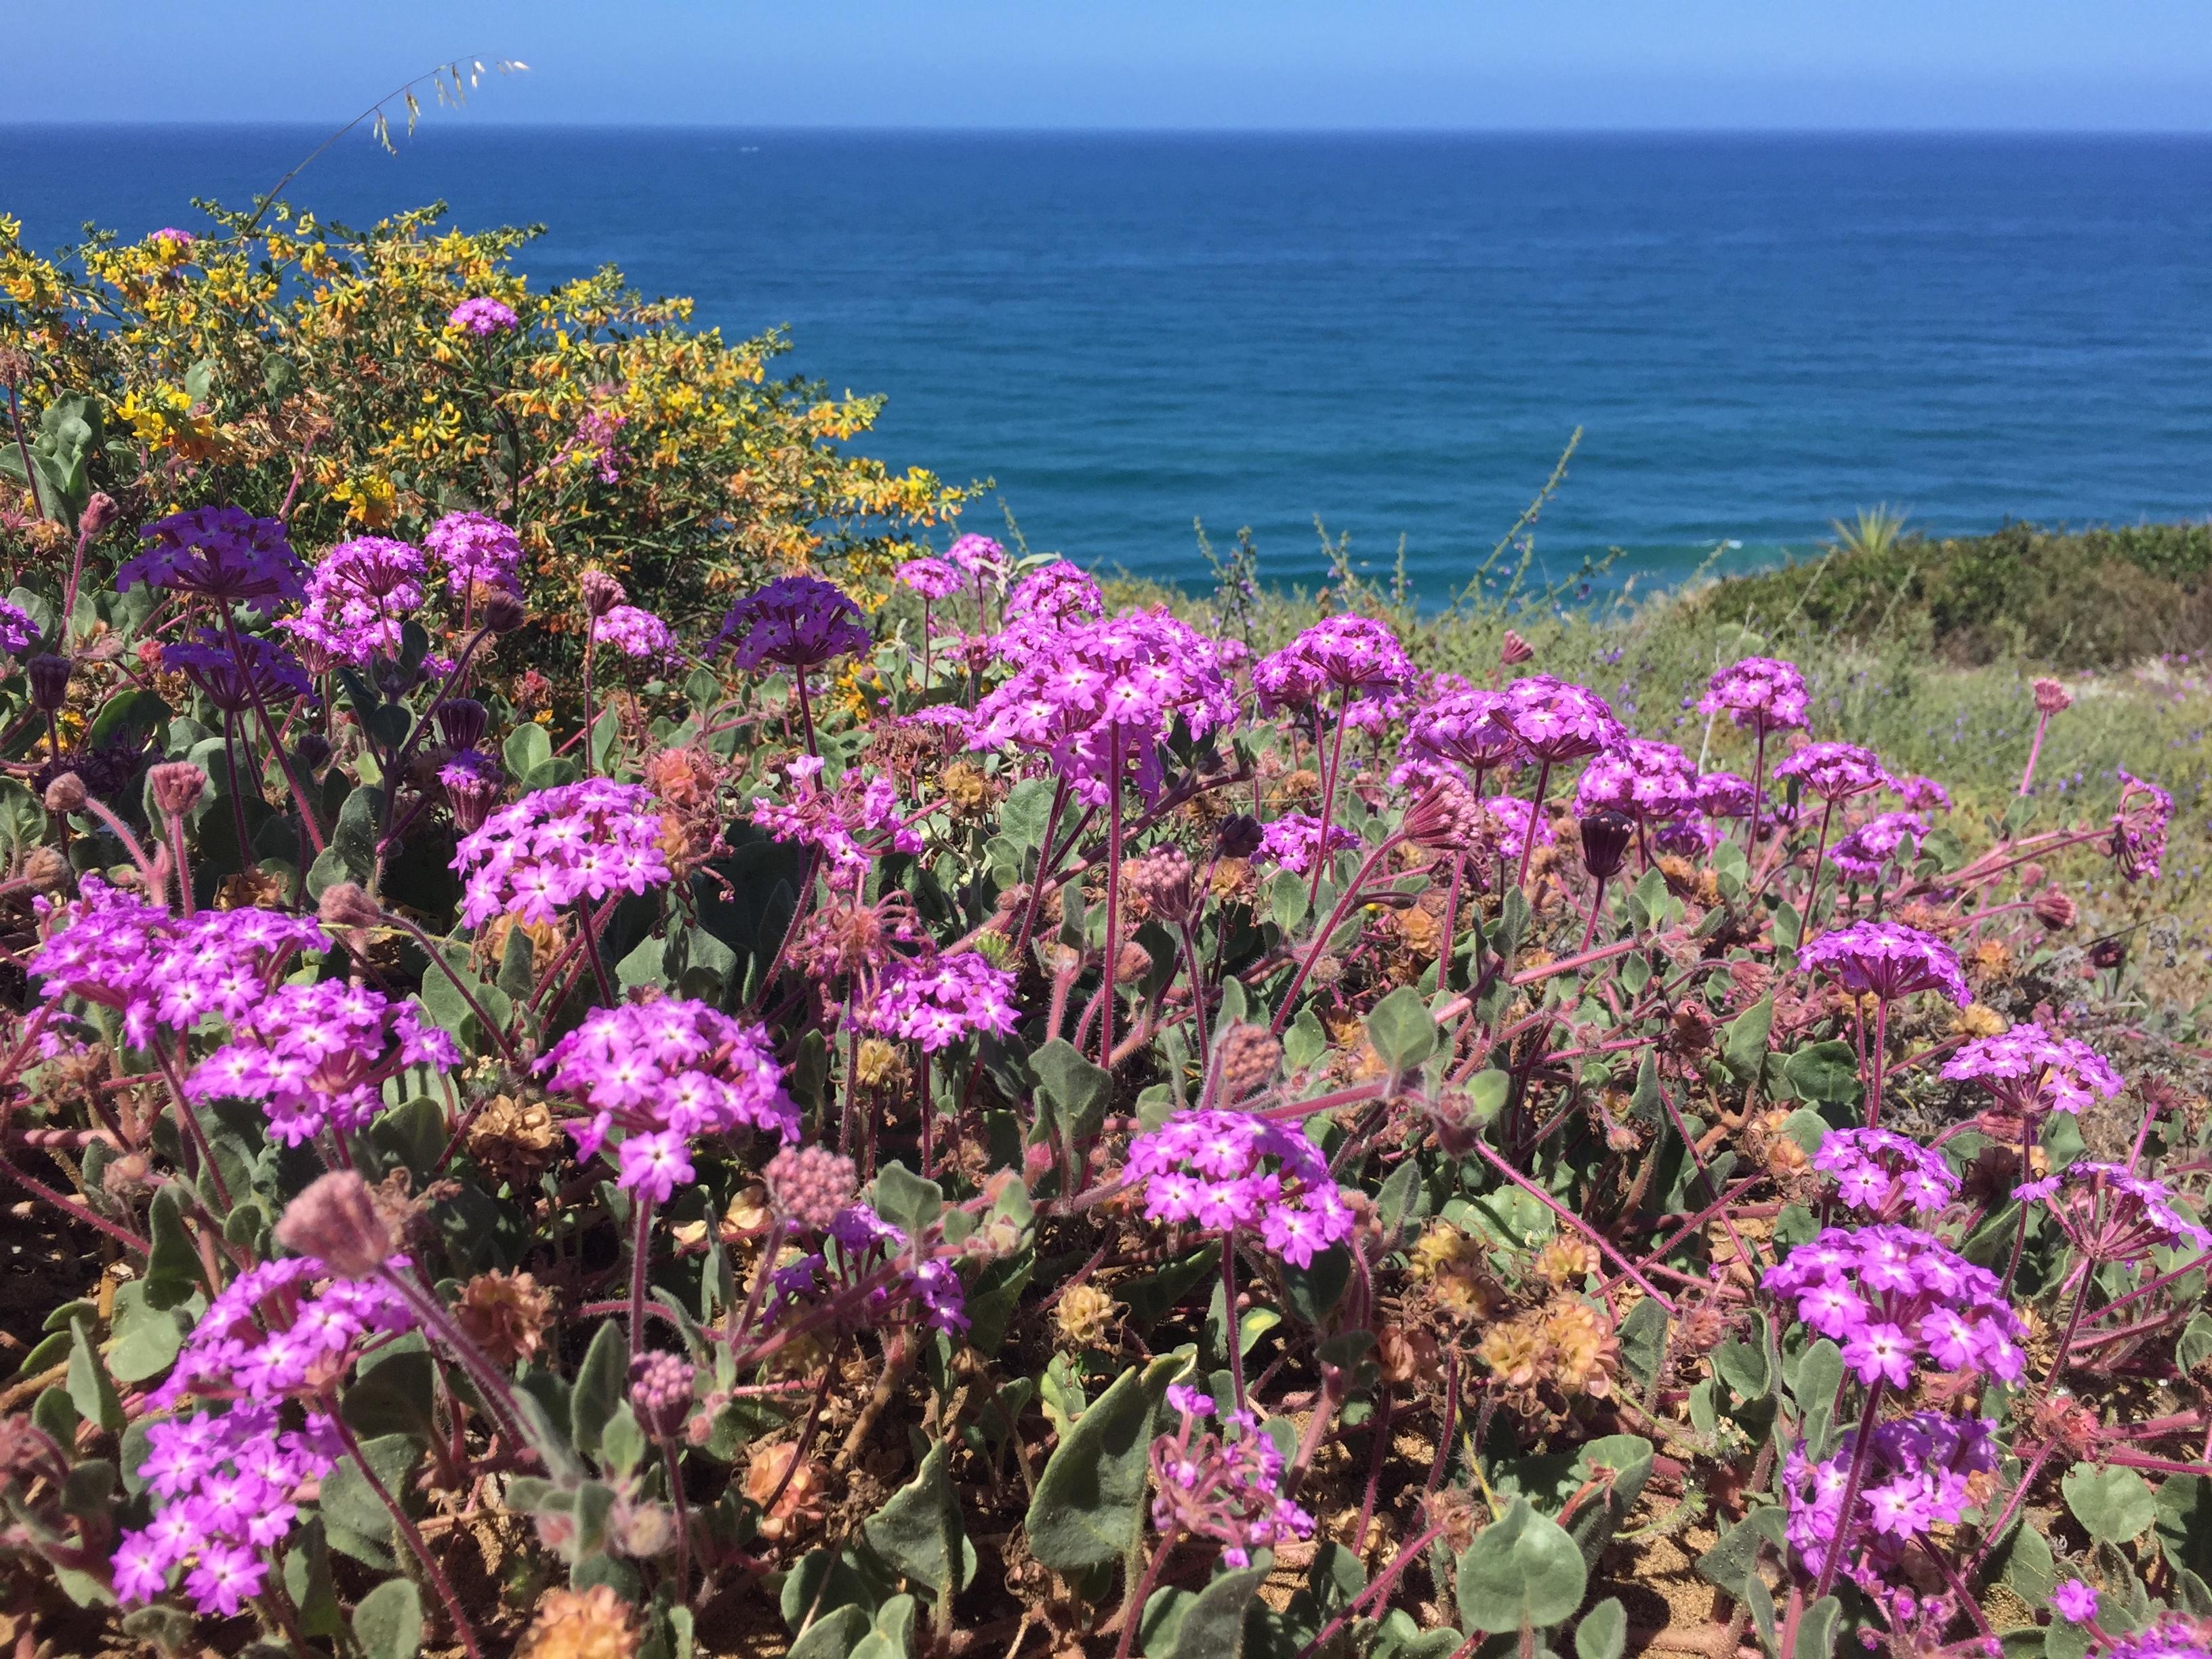 Purple flowers above the ocean in San Diego.